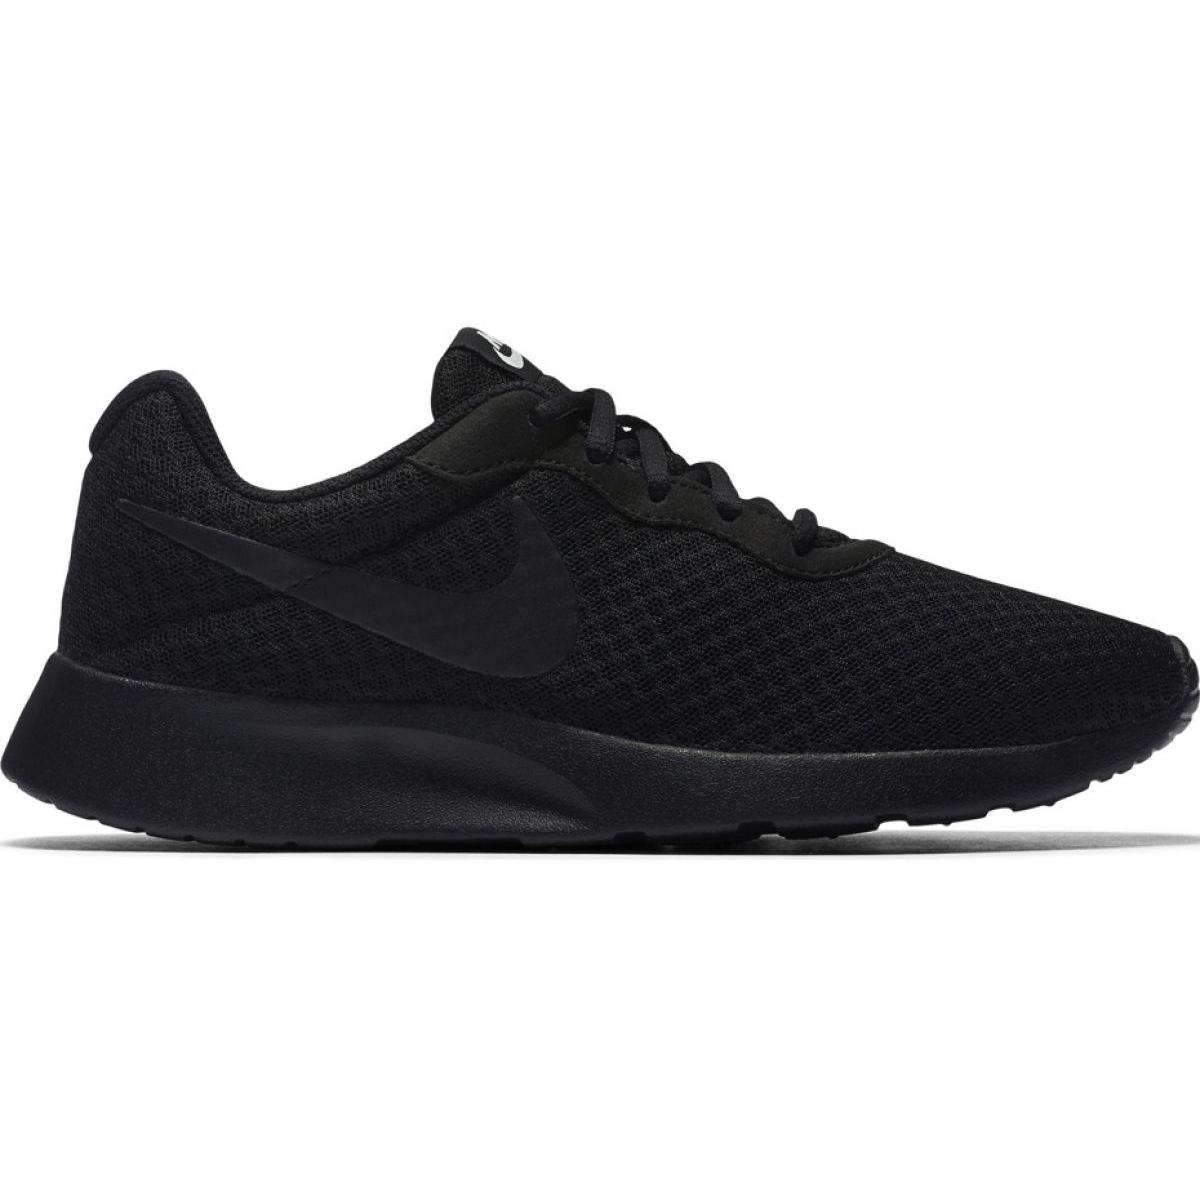 Détails sur Nike Tanjun W 812655 002 chaussures noir